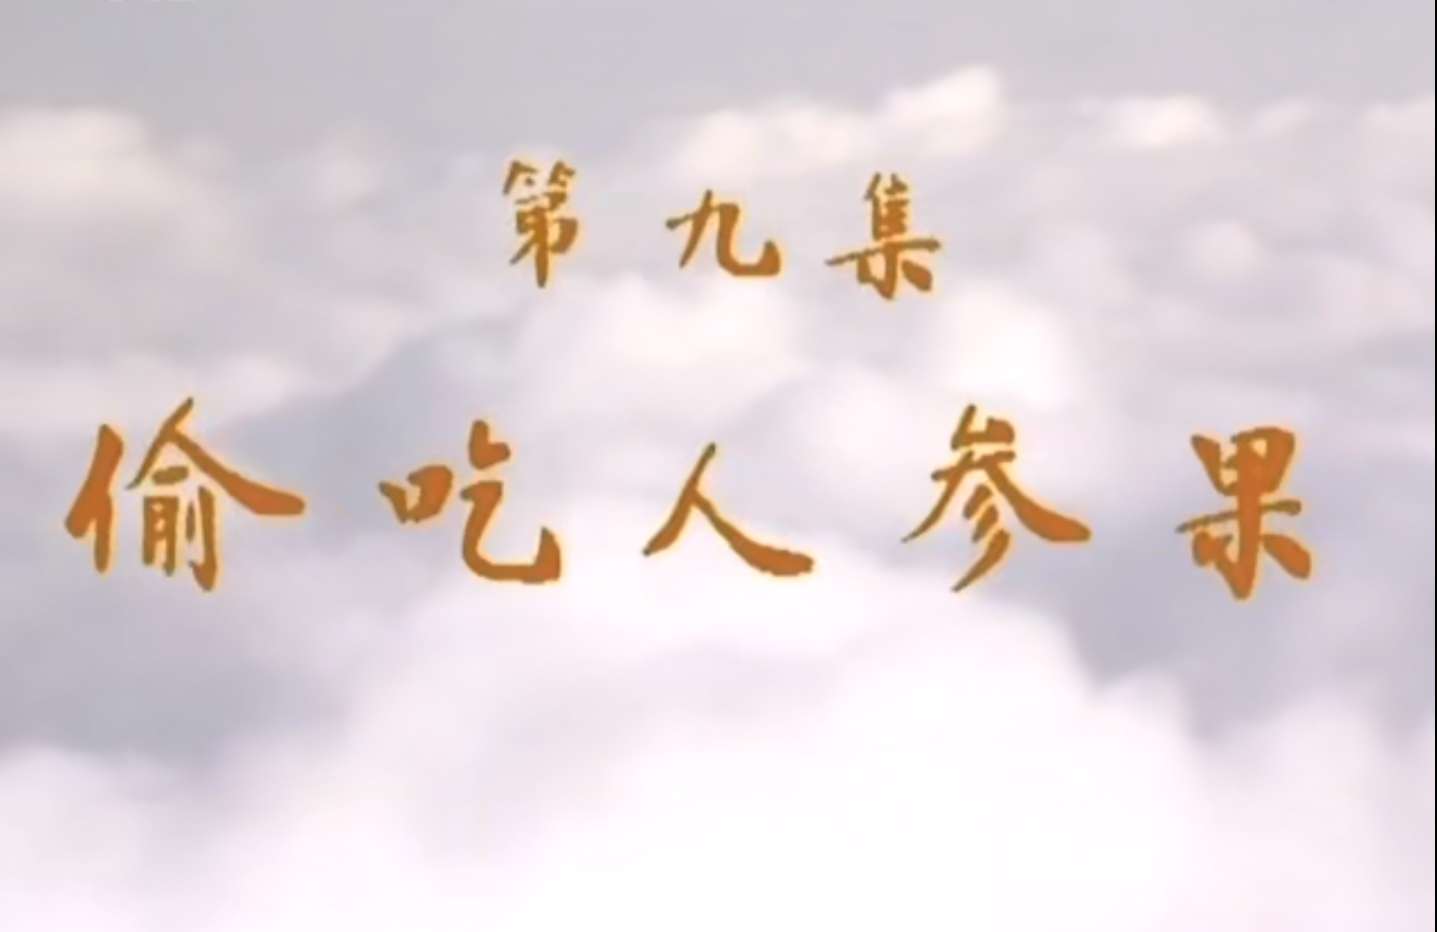 《西游记》拍摄花絮:杨洁导演洒泪祭父,猪八戒生吞糯米纸